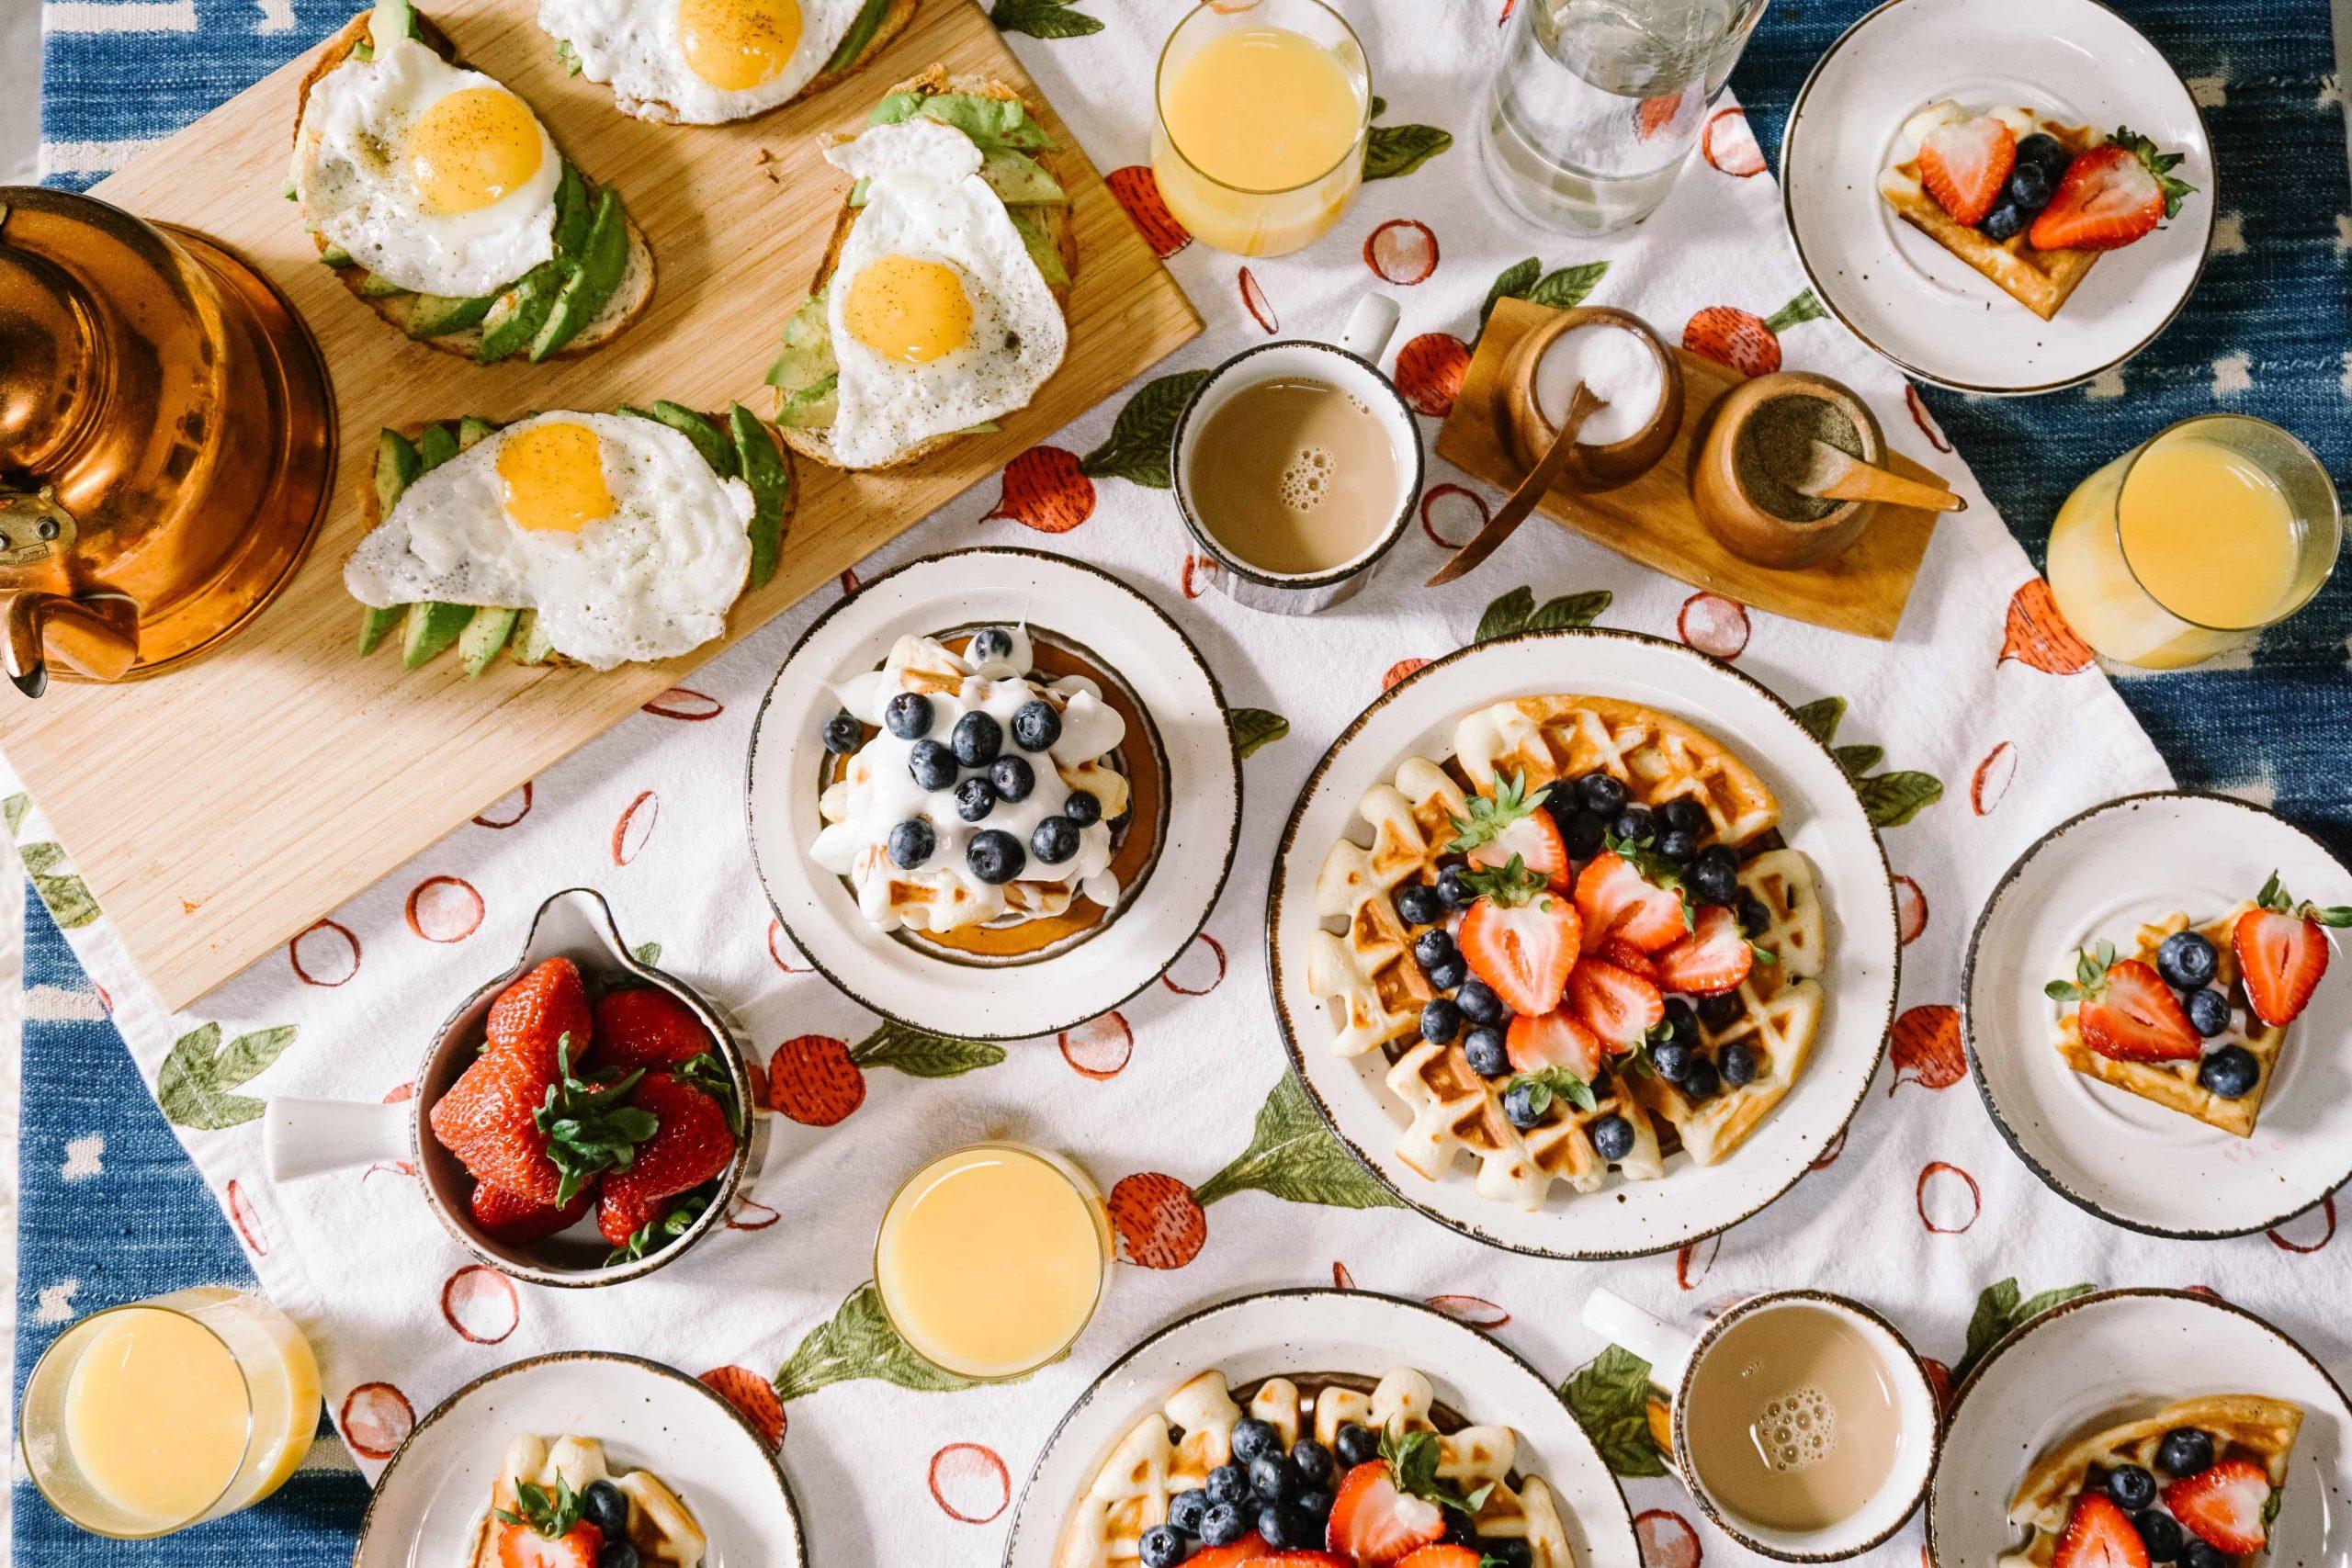 Frühstück bestellen: 3 Tipps für ein stressfreies Frühstück